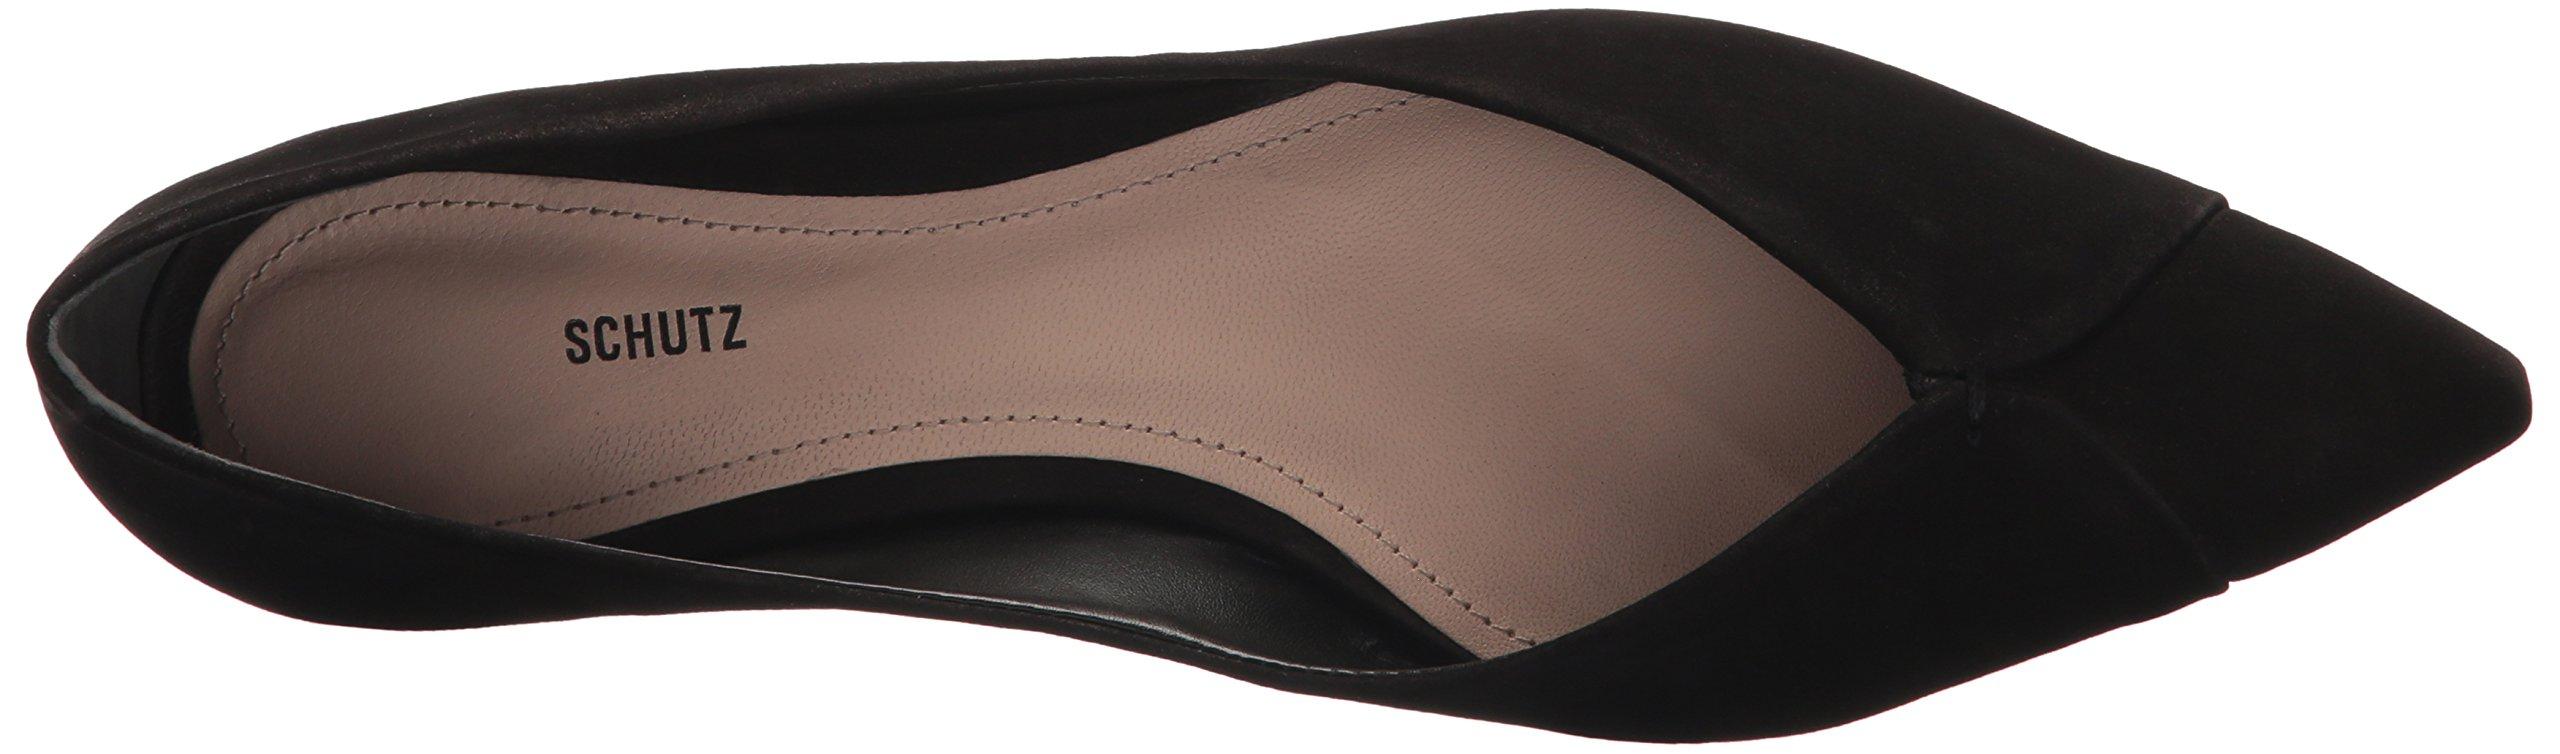 SCHUTZ Women's Sasha Ballet Flat, Black, 9.5 M US by SCHUTZ (Image #7)